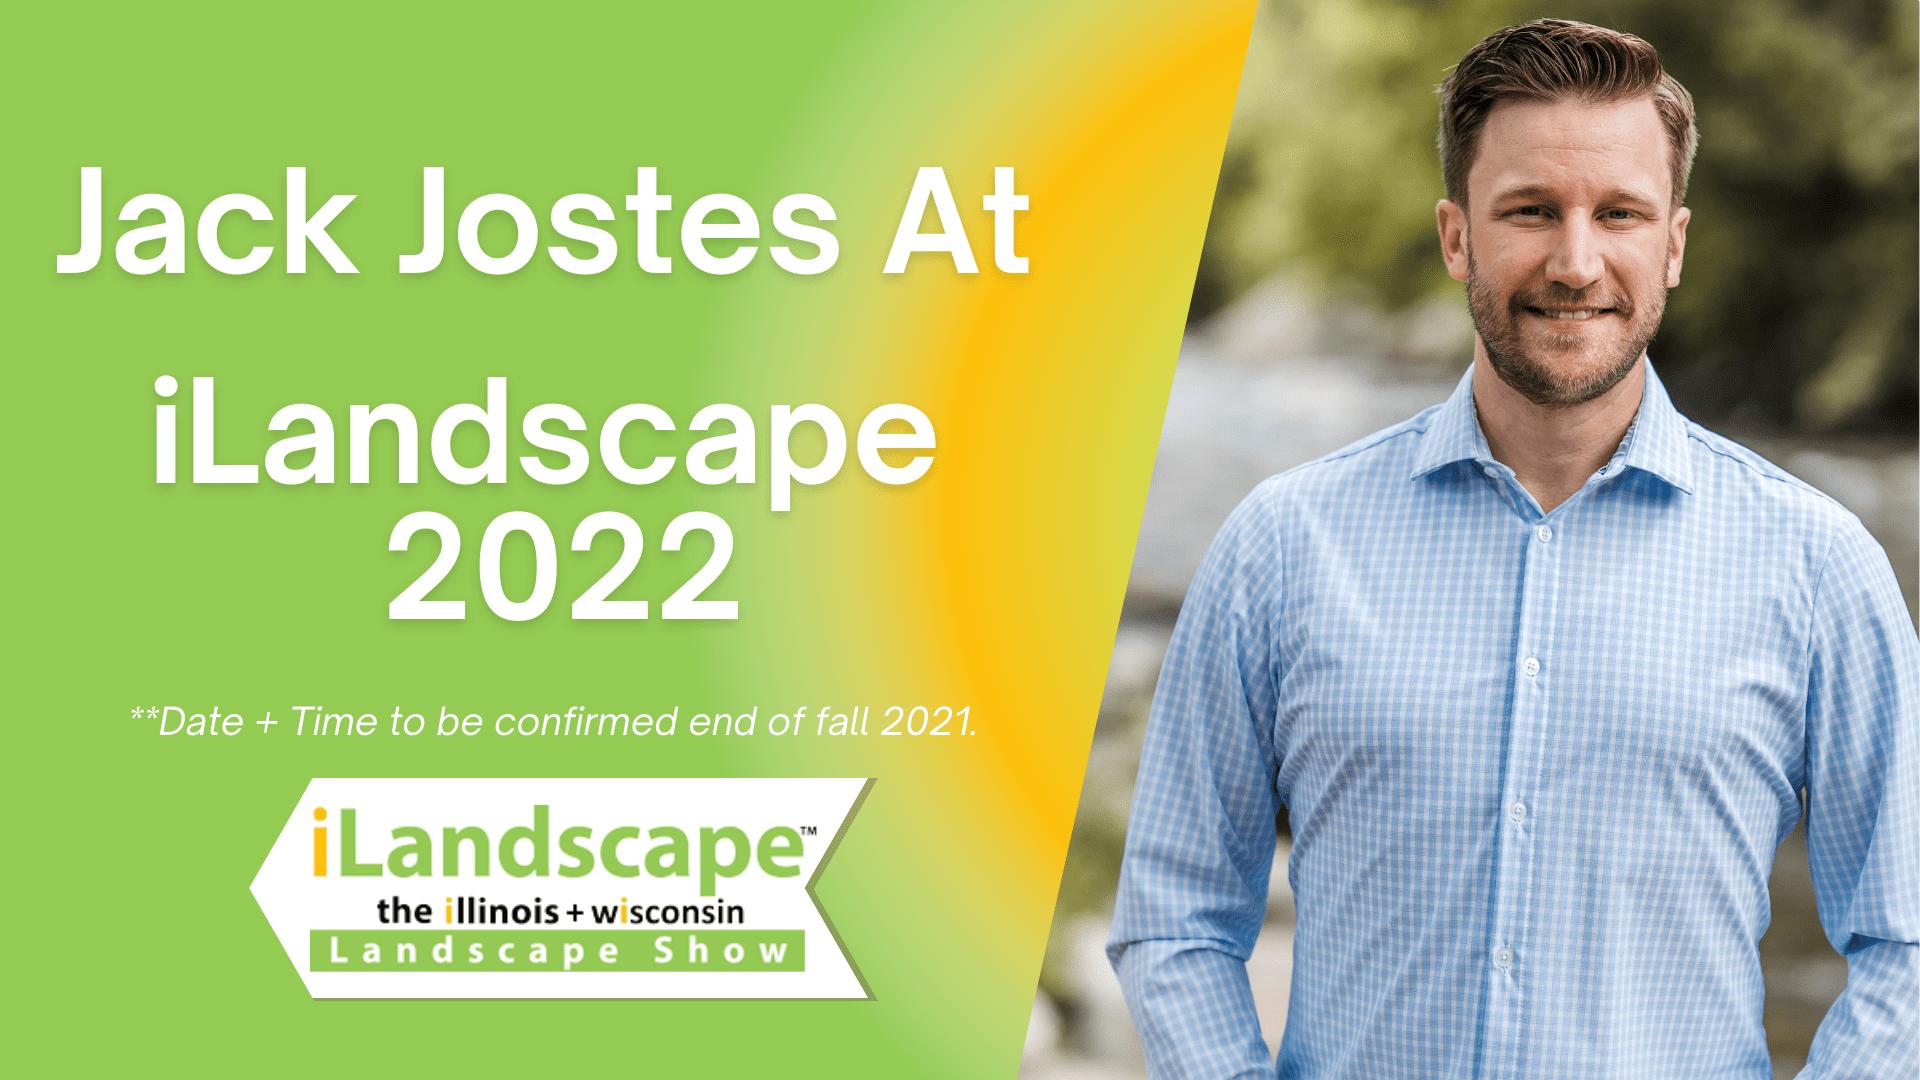 Jack Jostes At iLandscape 2022